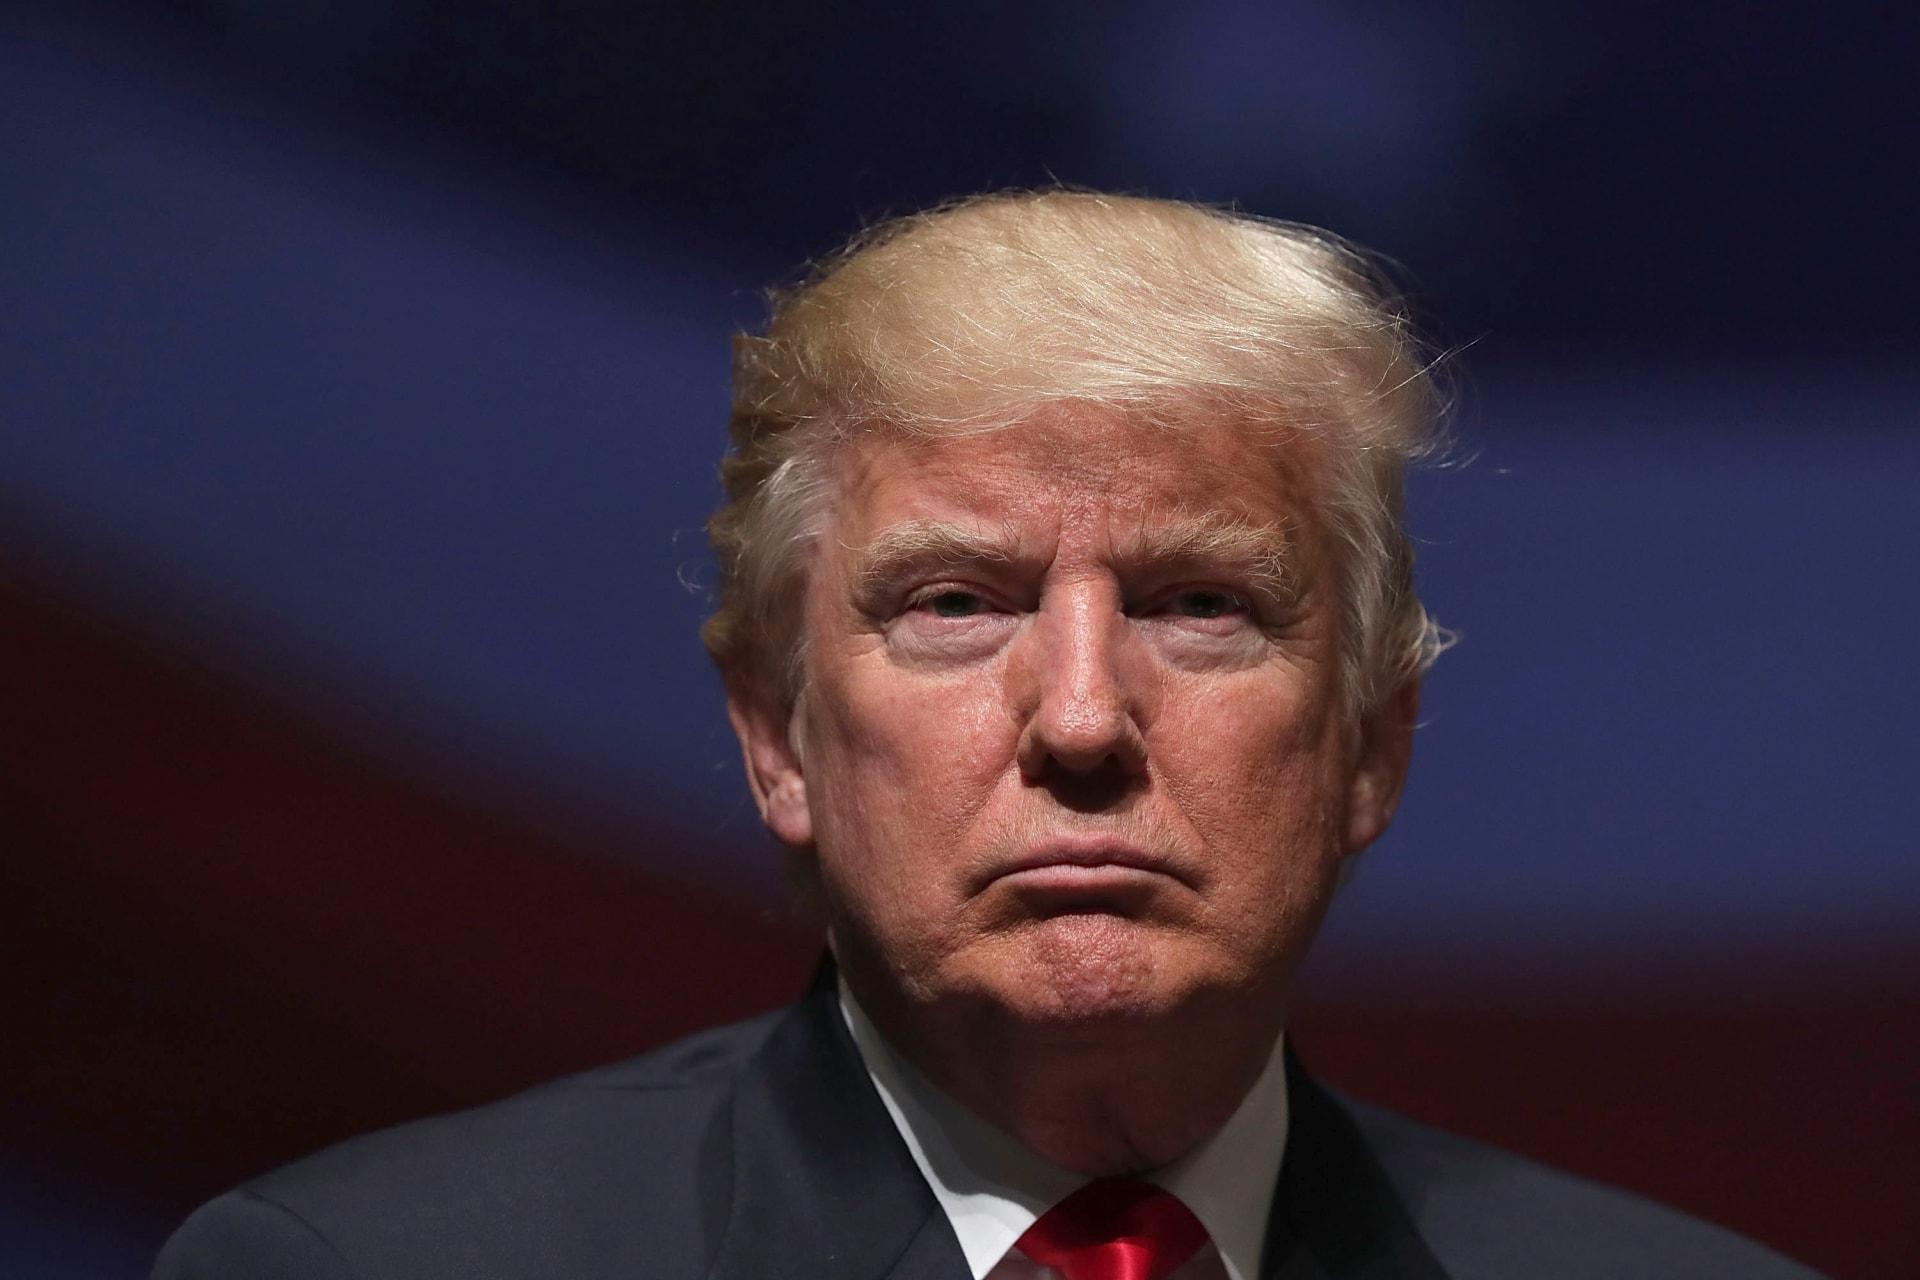 """بعد """"الخوف"""" و""""الغضب"""".. وودور يستعد لإصدار كتاب جديد حول أيام ترامب الأخيرة في السلطة"""